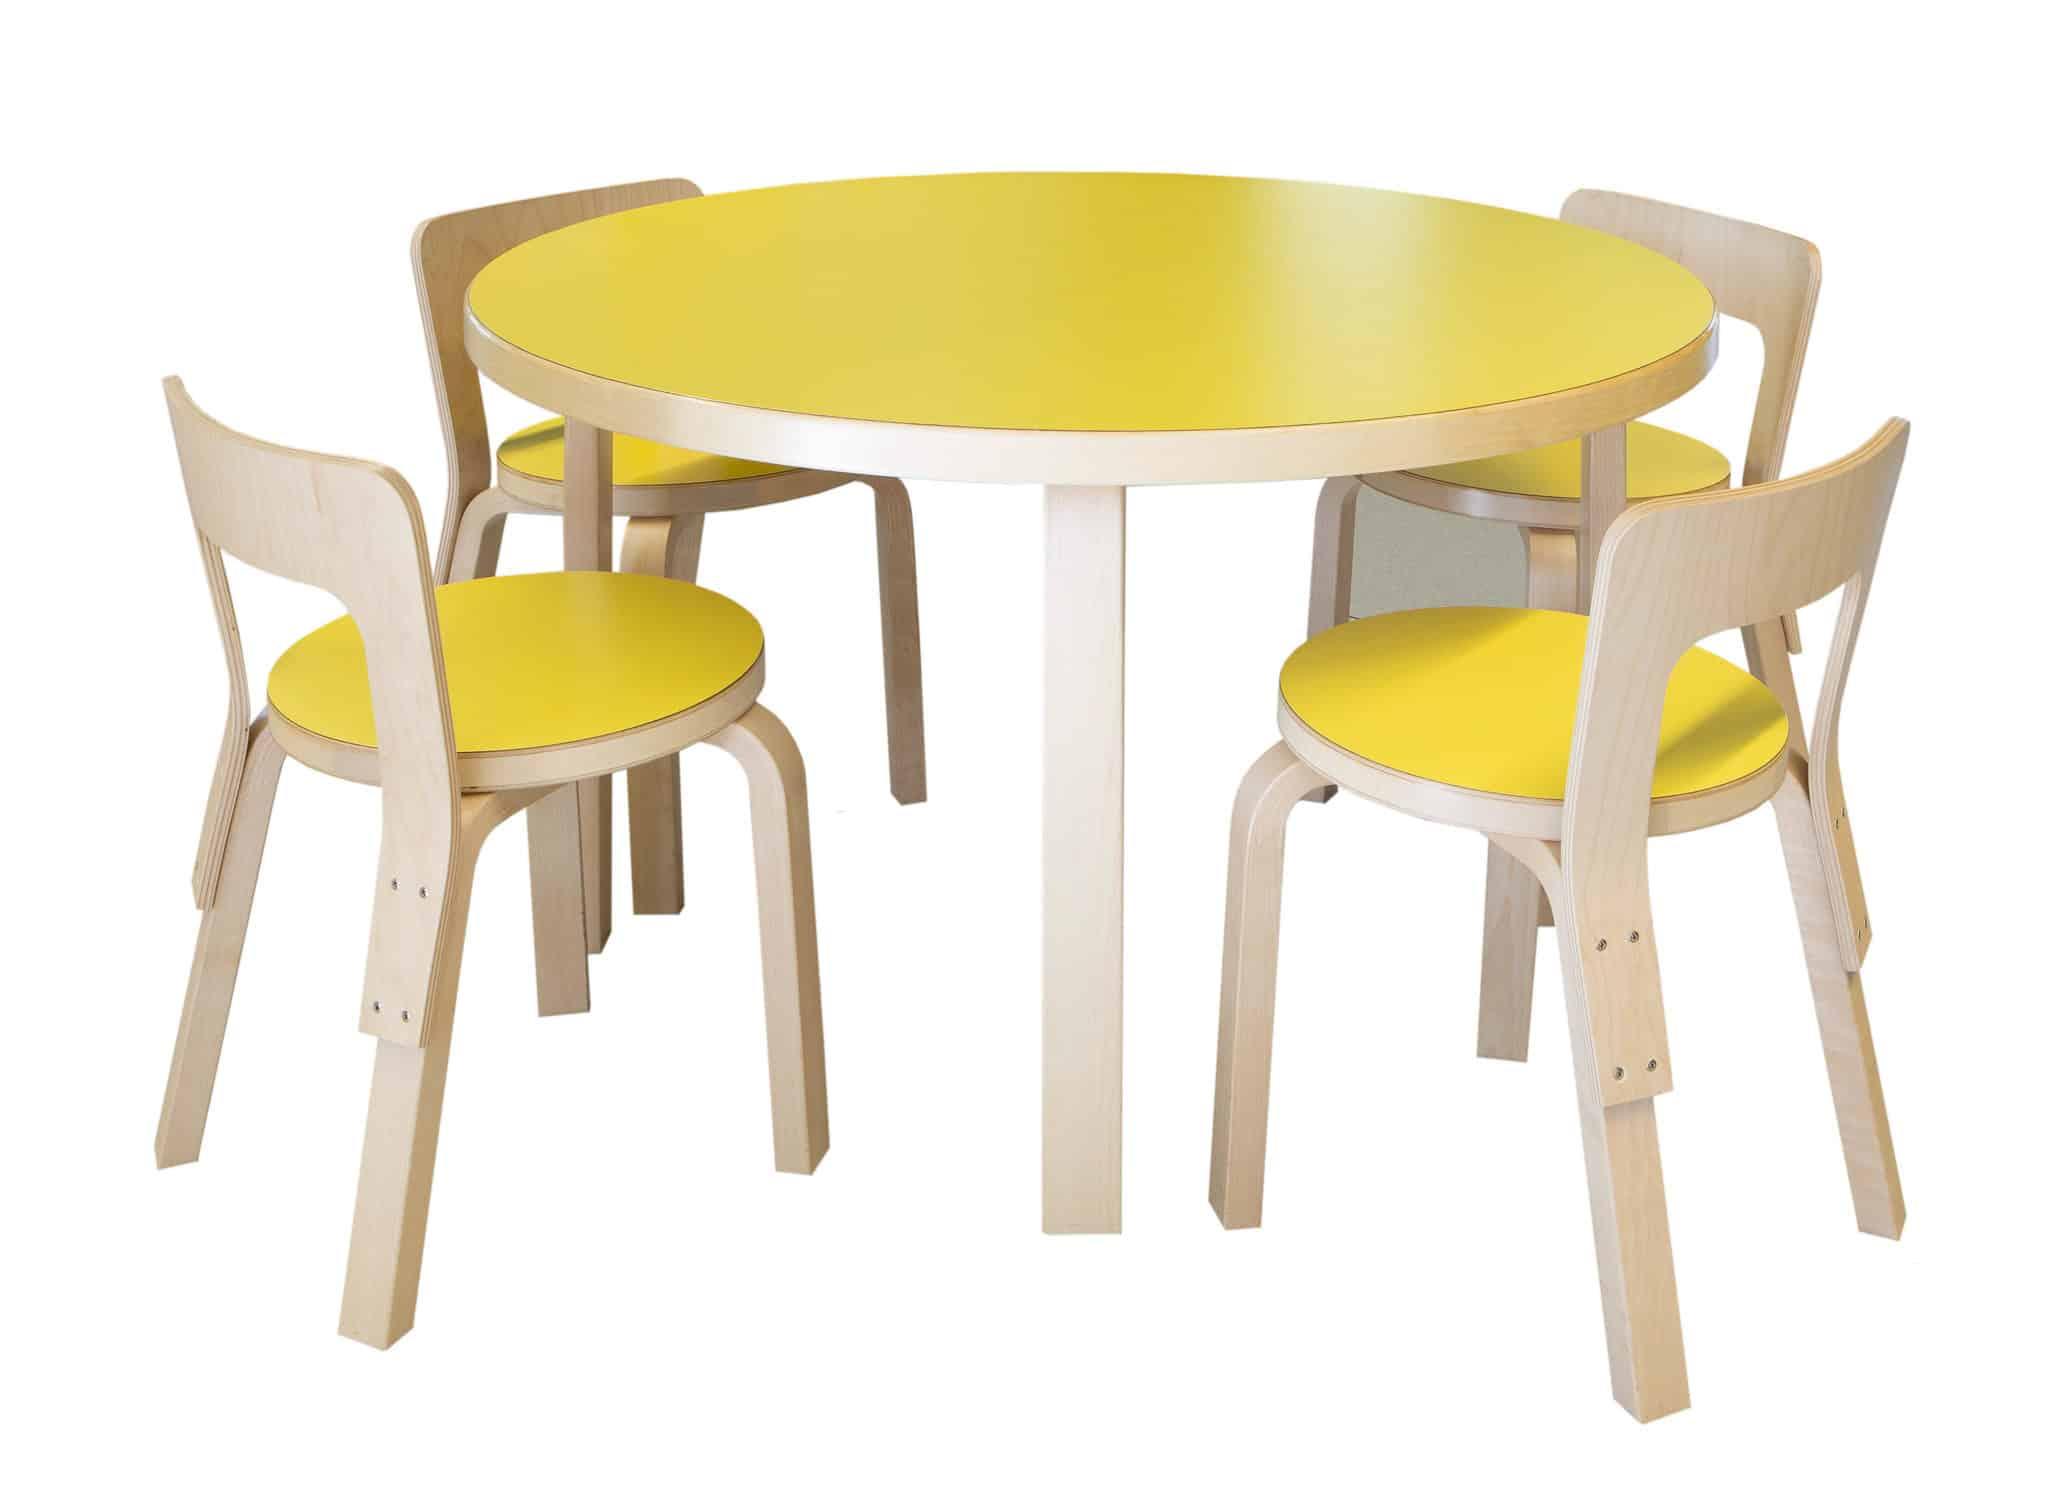 METALUNDIA chaise en bois avec assises colorées